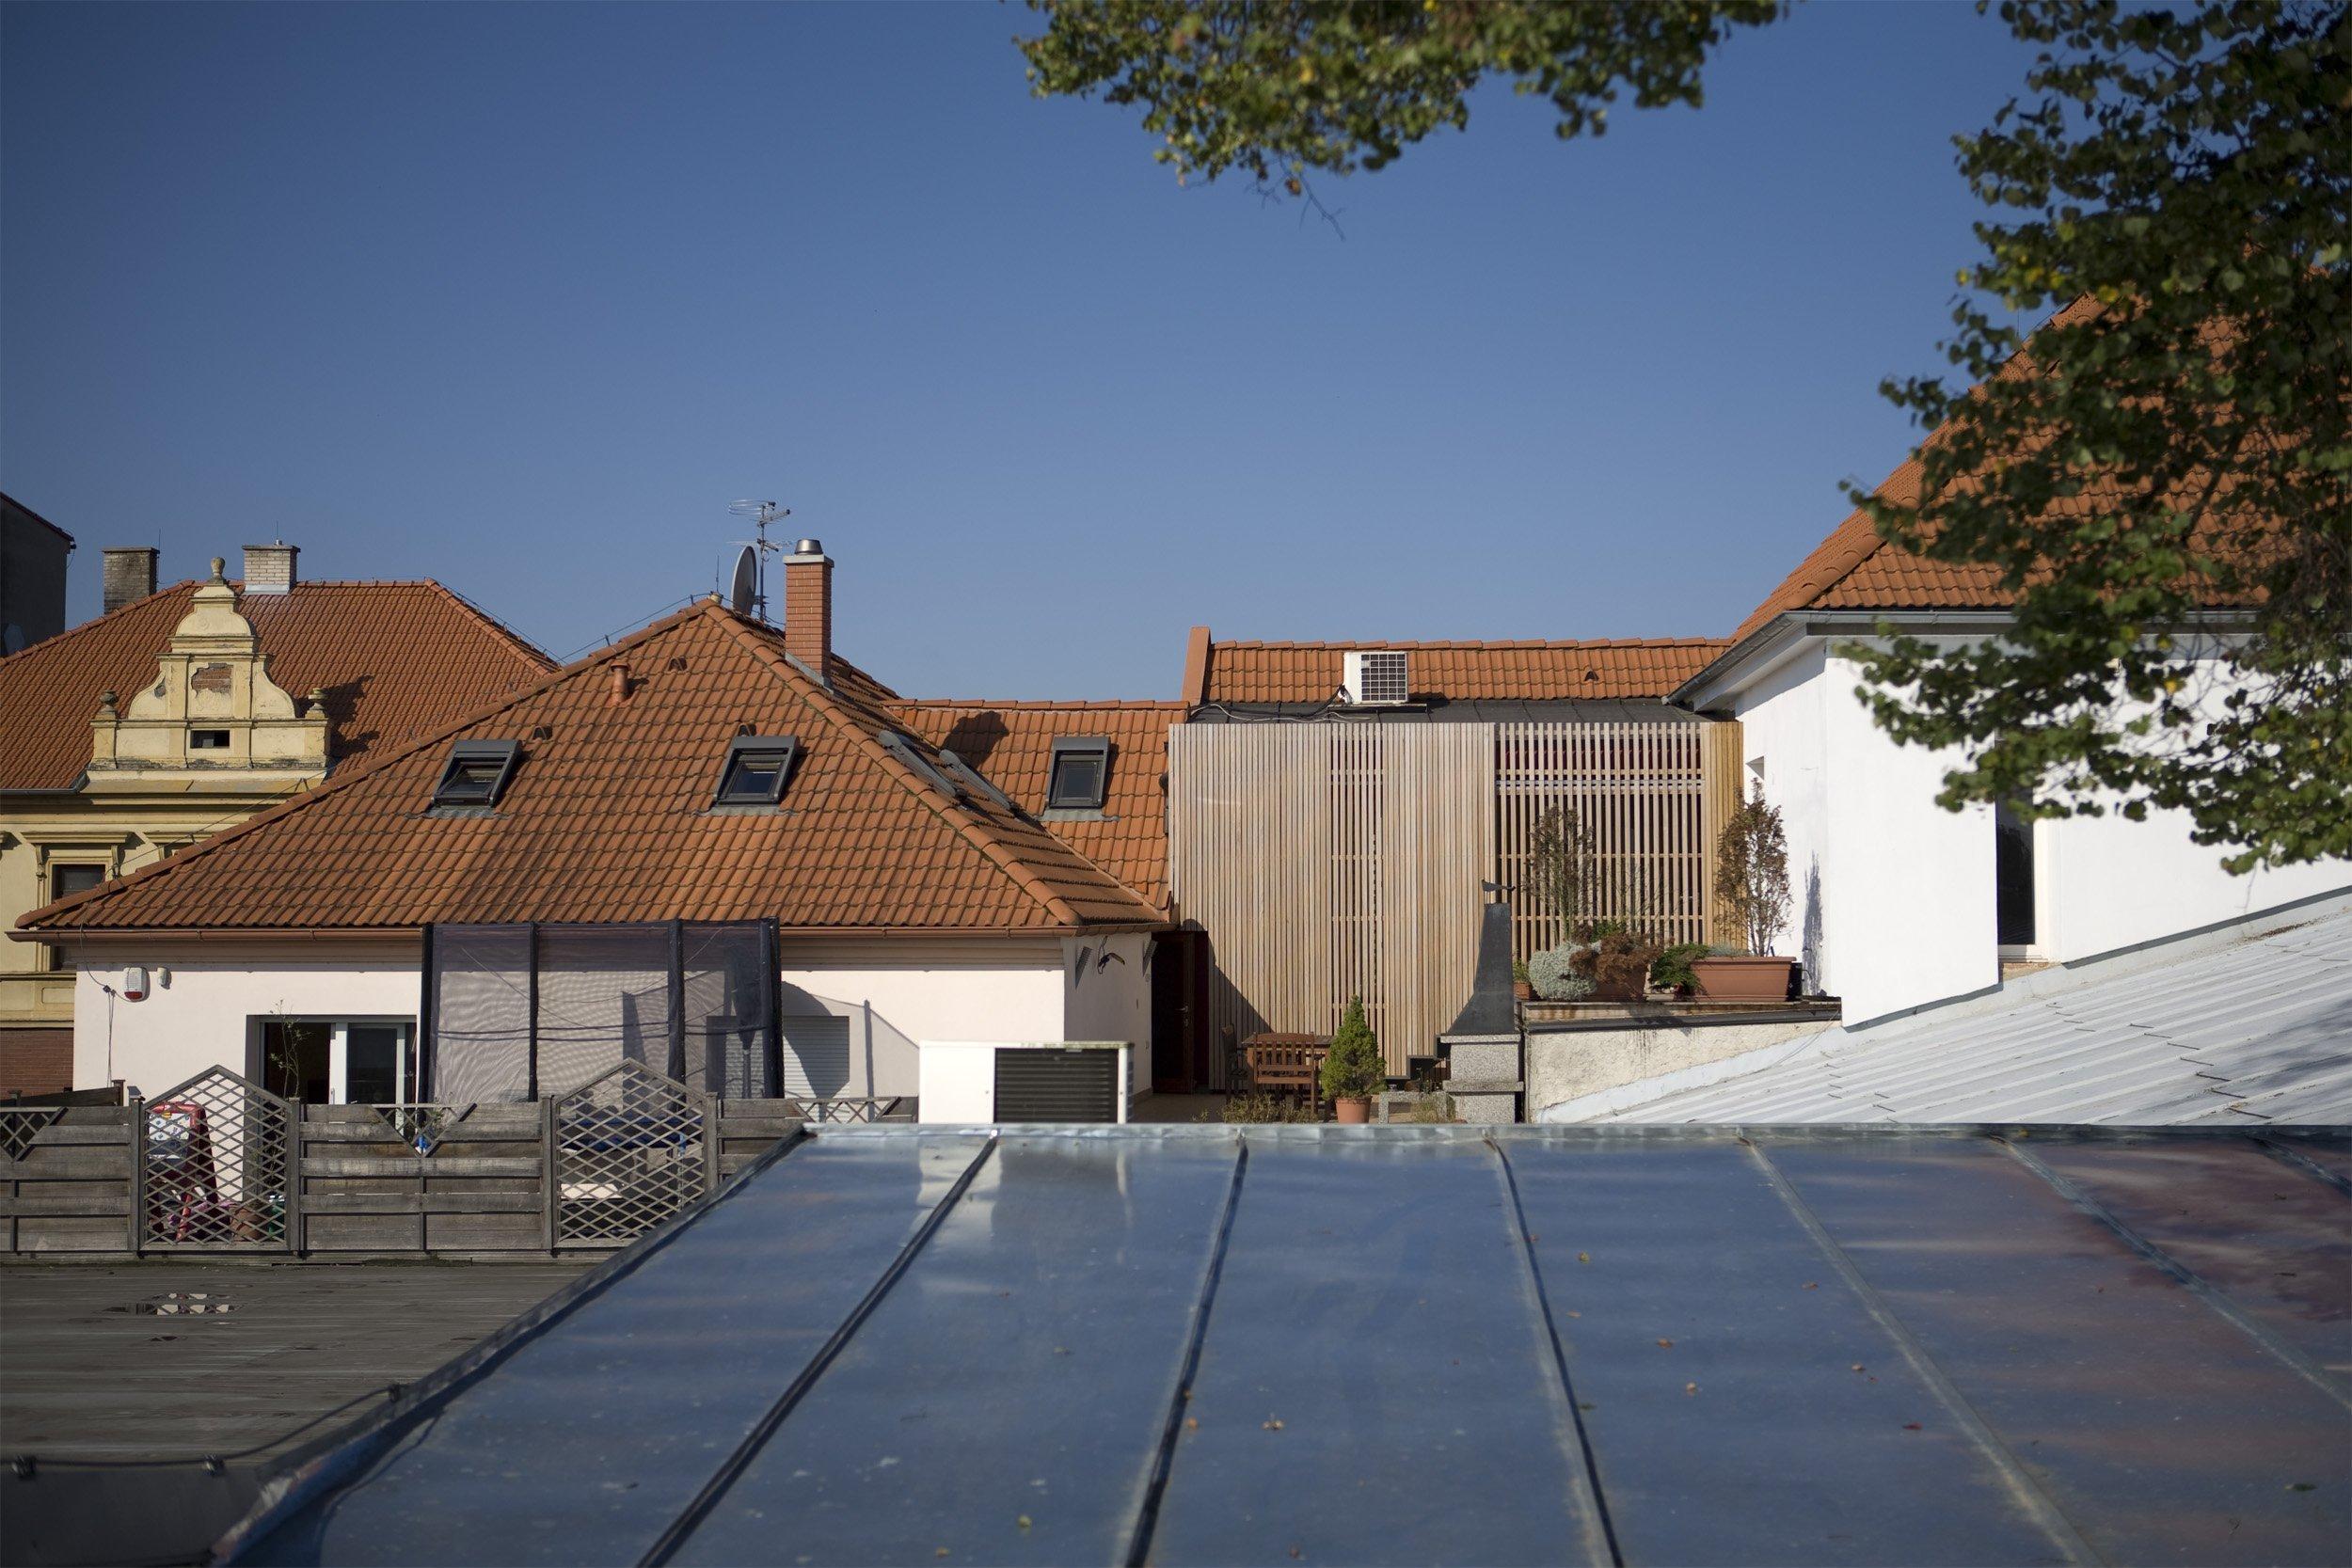 V minulosti klient rekonstruoval dva historické domy v centru města. Po několika letech užívání z jeho strany vznikla potřeba vytvořit separátní přechodné…